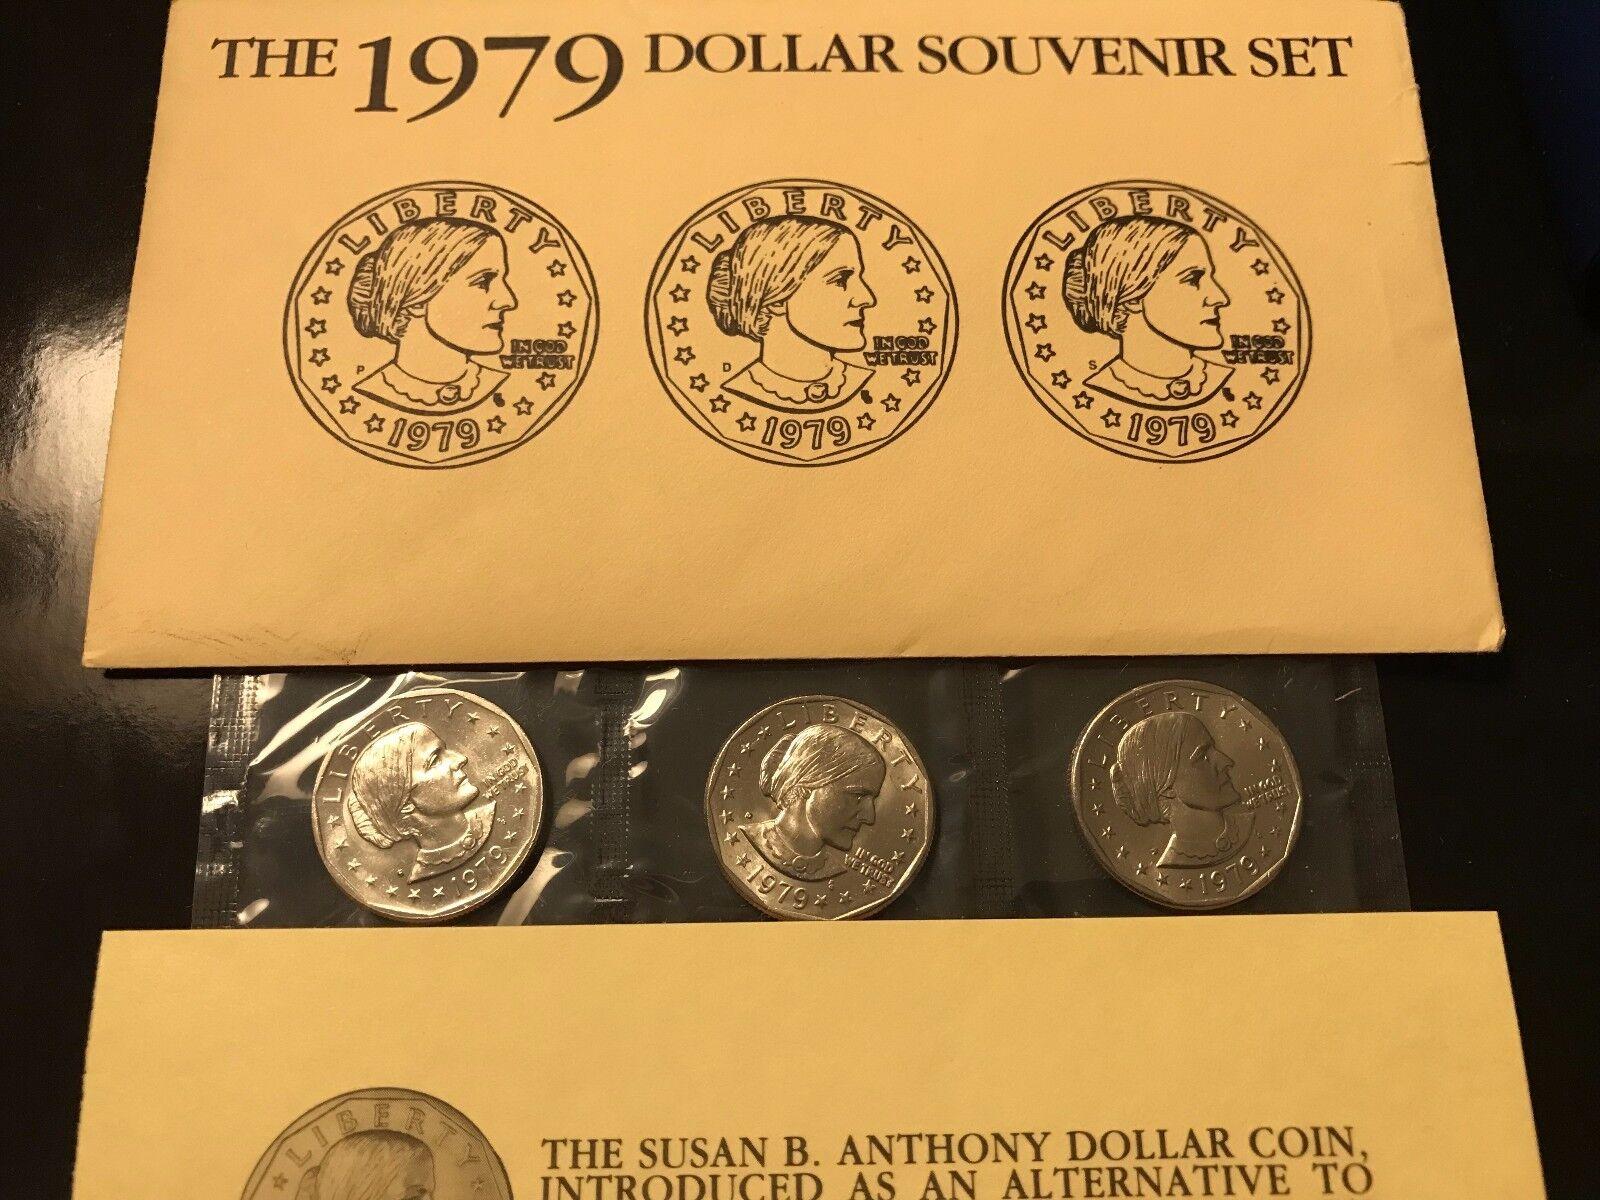 Anthony SBA Dollars Souvenir P D S Mint Envelope 6 coin set 1979 1980 Susan B